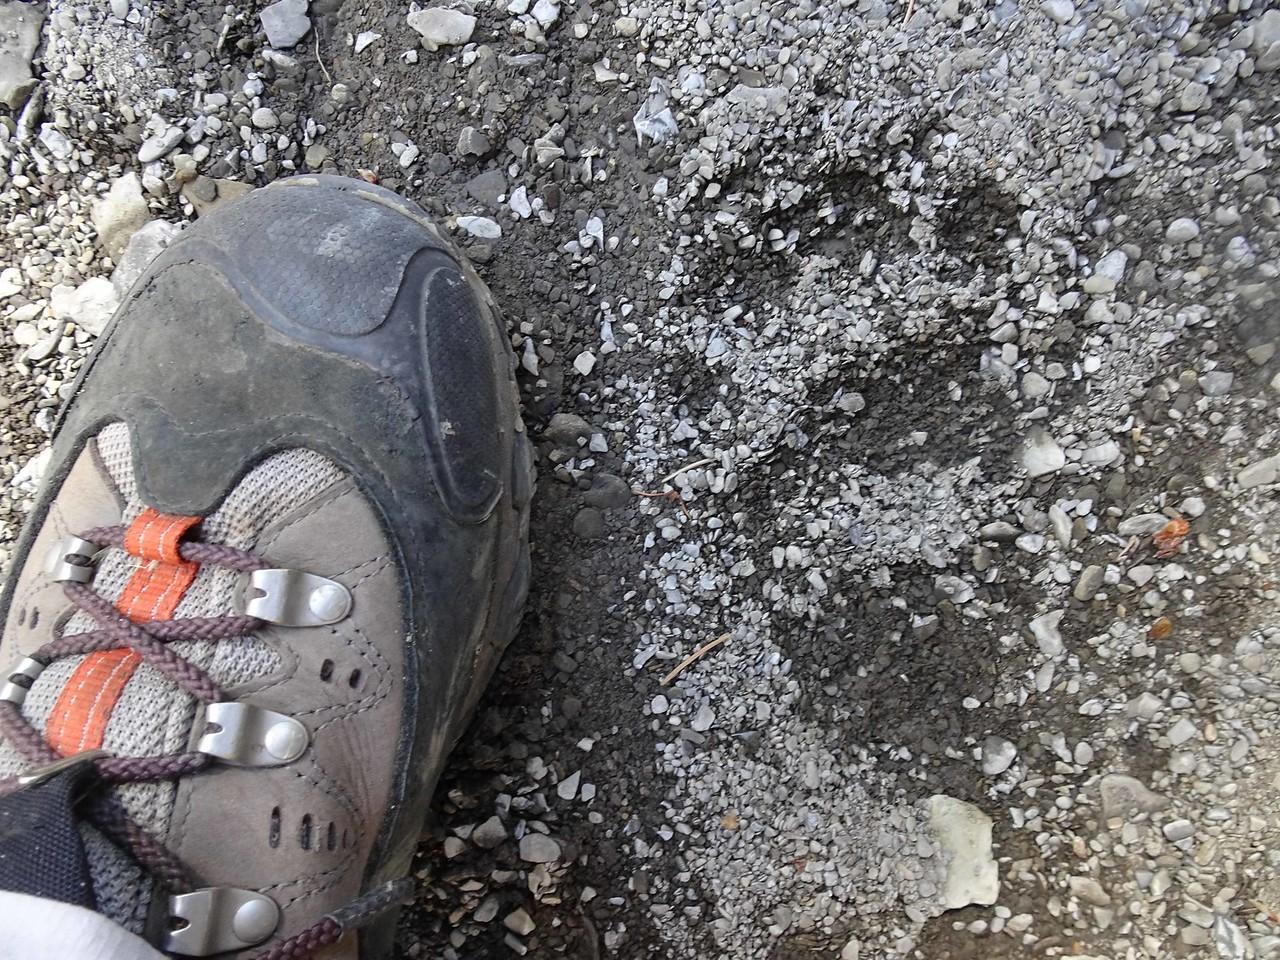 10 A bear footprint, believe rear foot